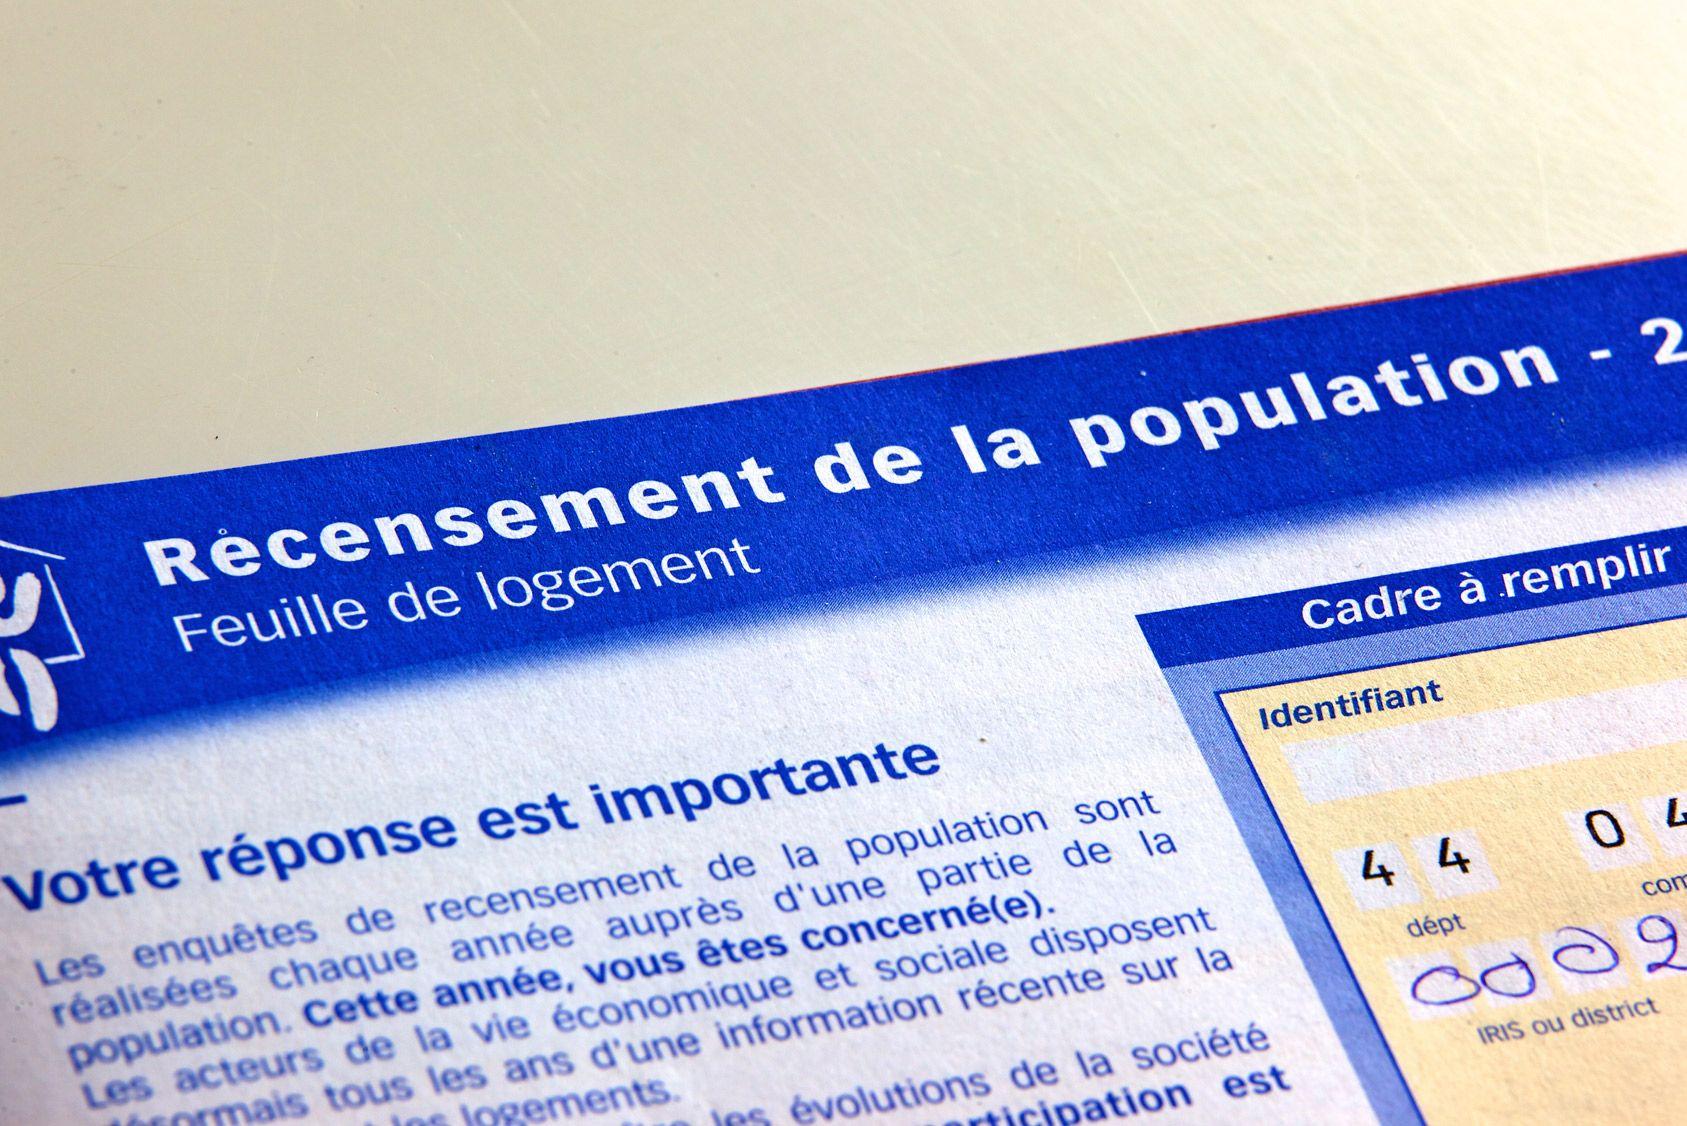 Le recensement 2018 débute le 18 janvier